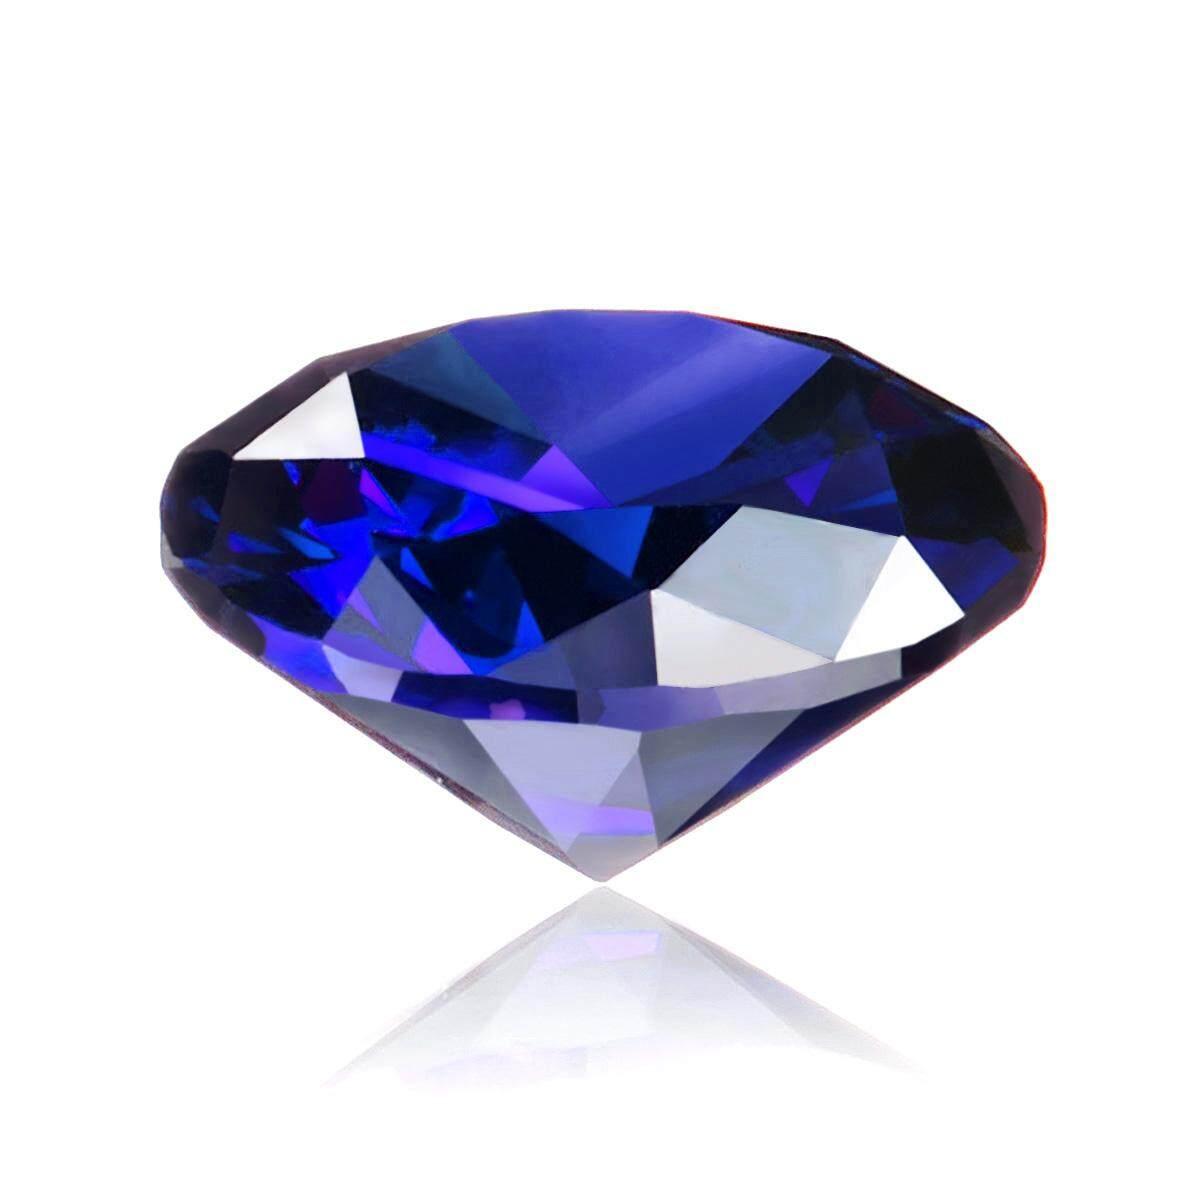 Oval Blue Cut Pemanas Safir Batu Permata Longgar Cincin Zirkon Dekorasi Hadiah 12 Mm By Audew.